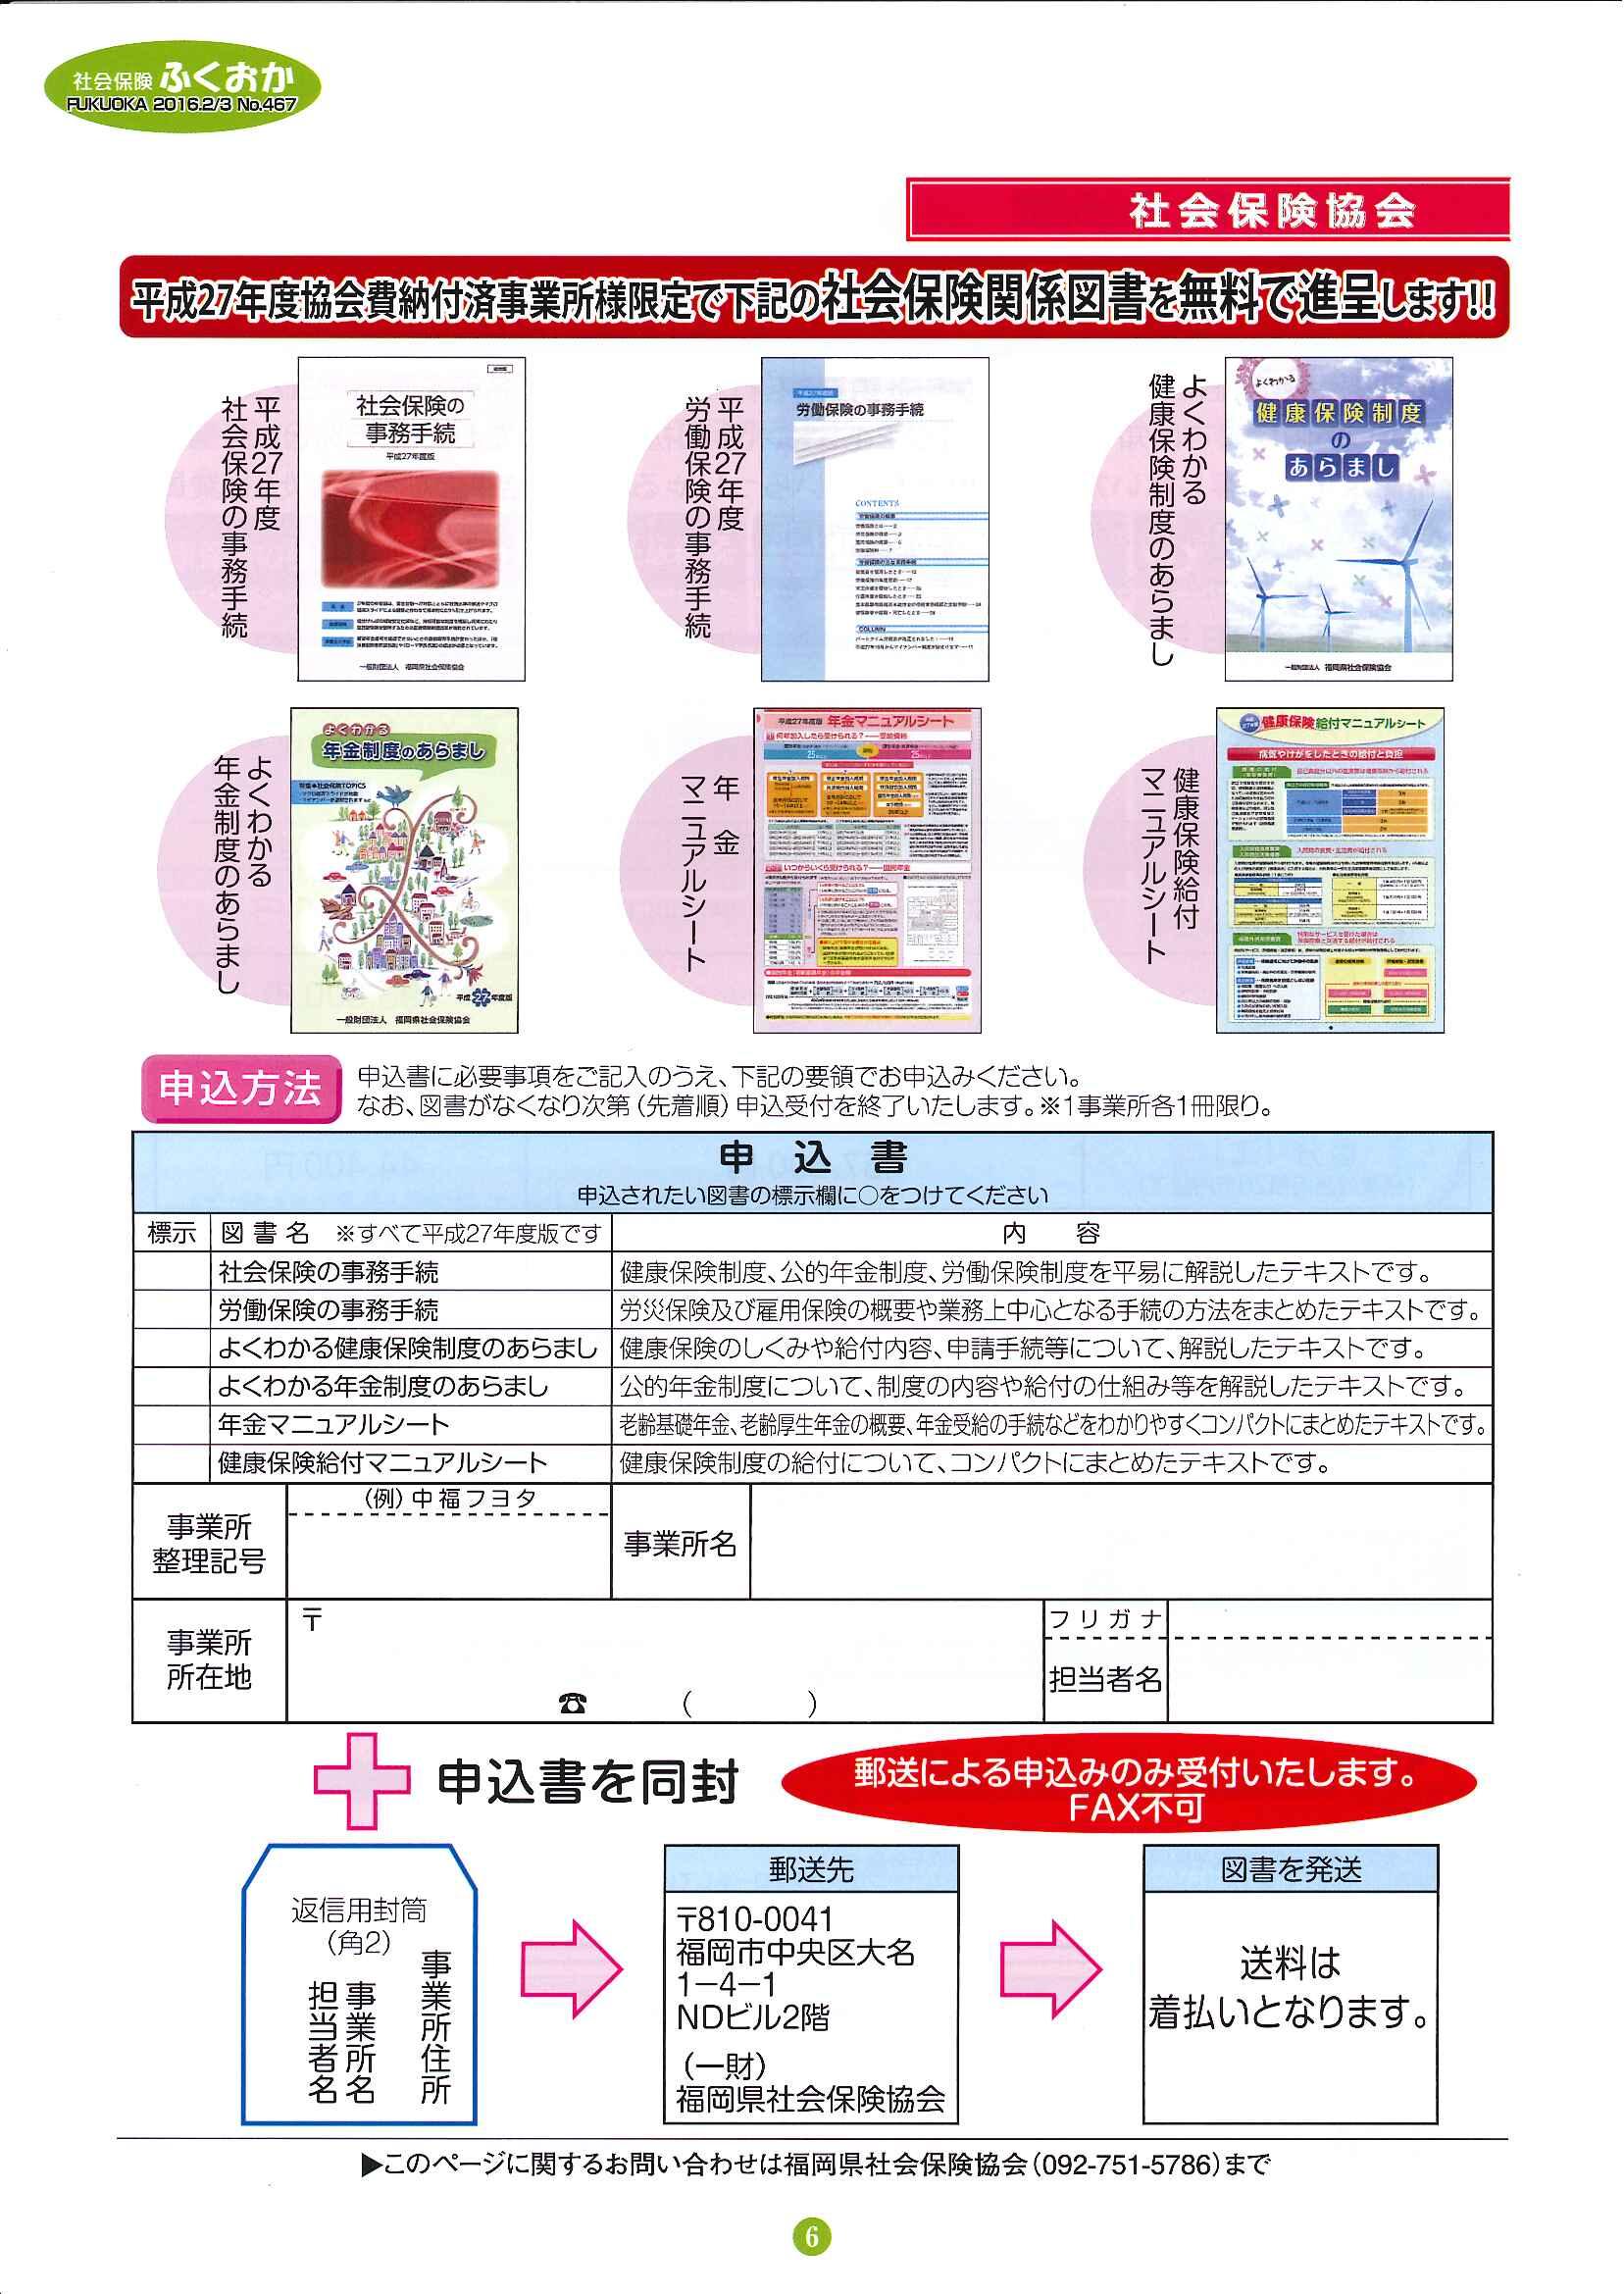 社会保険 「ふくおか」 2016年2・3月号_f0120774_1625350.jpg